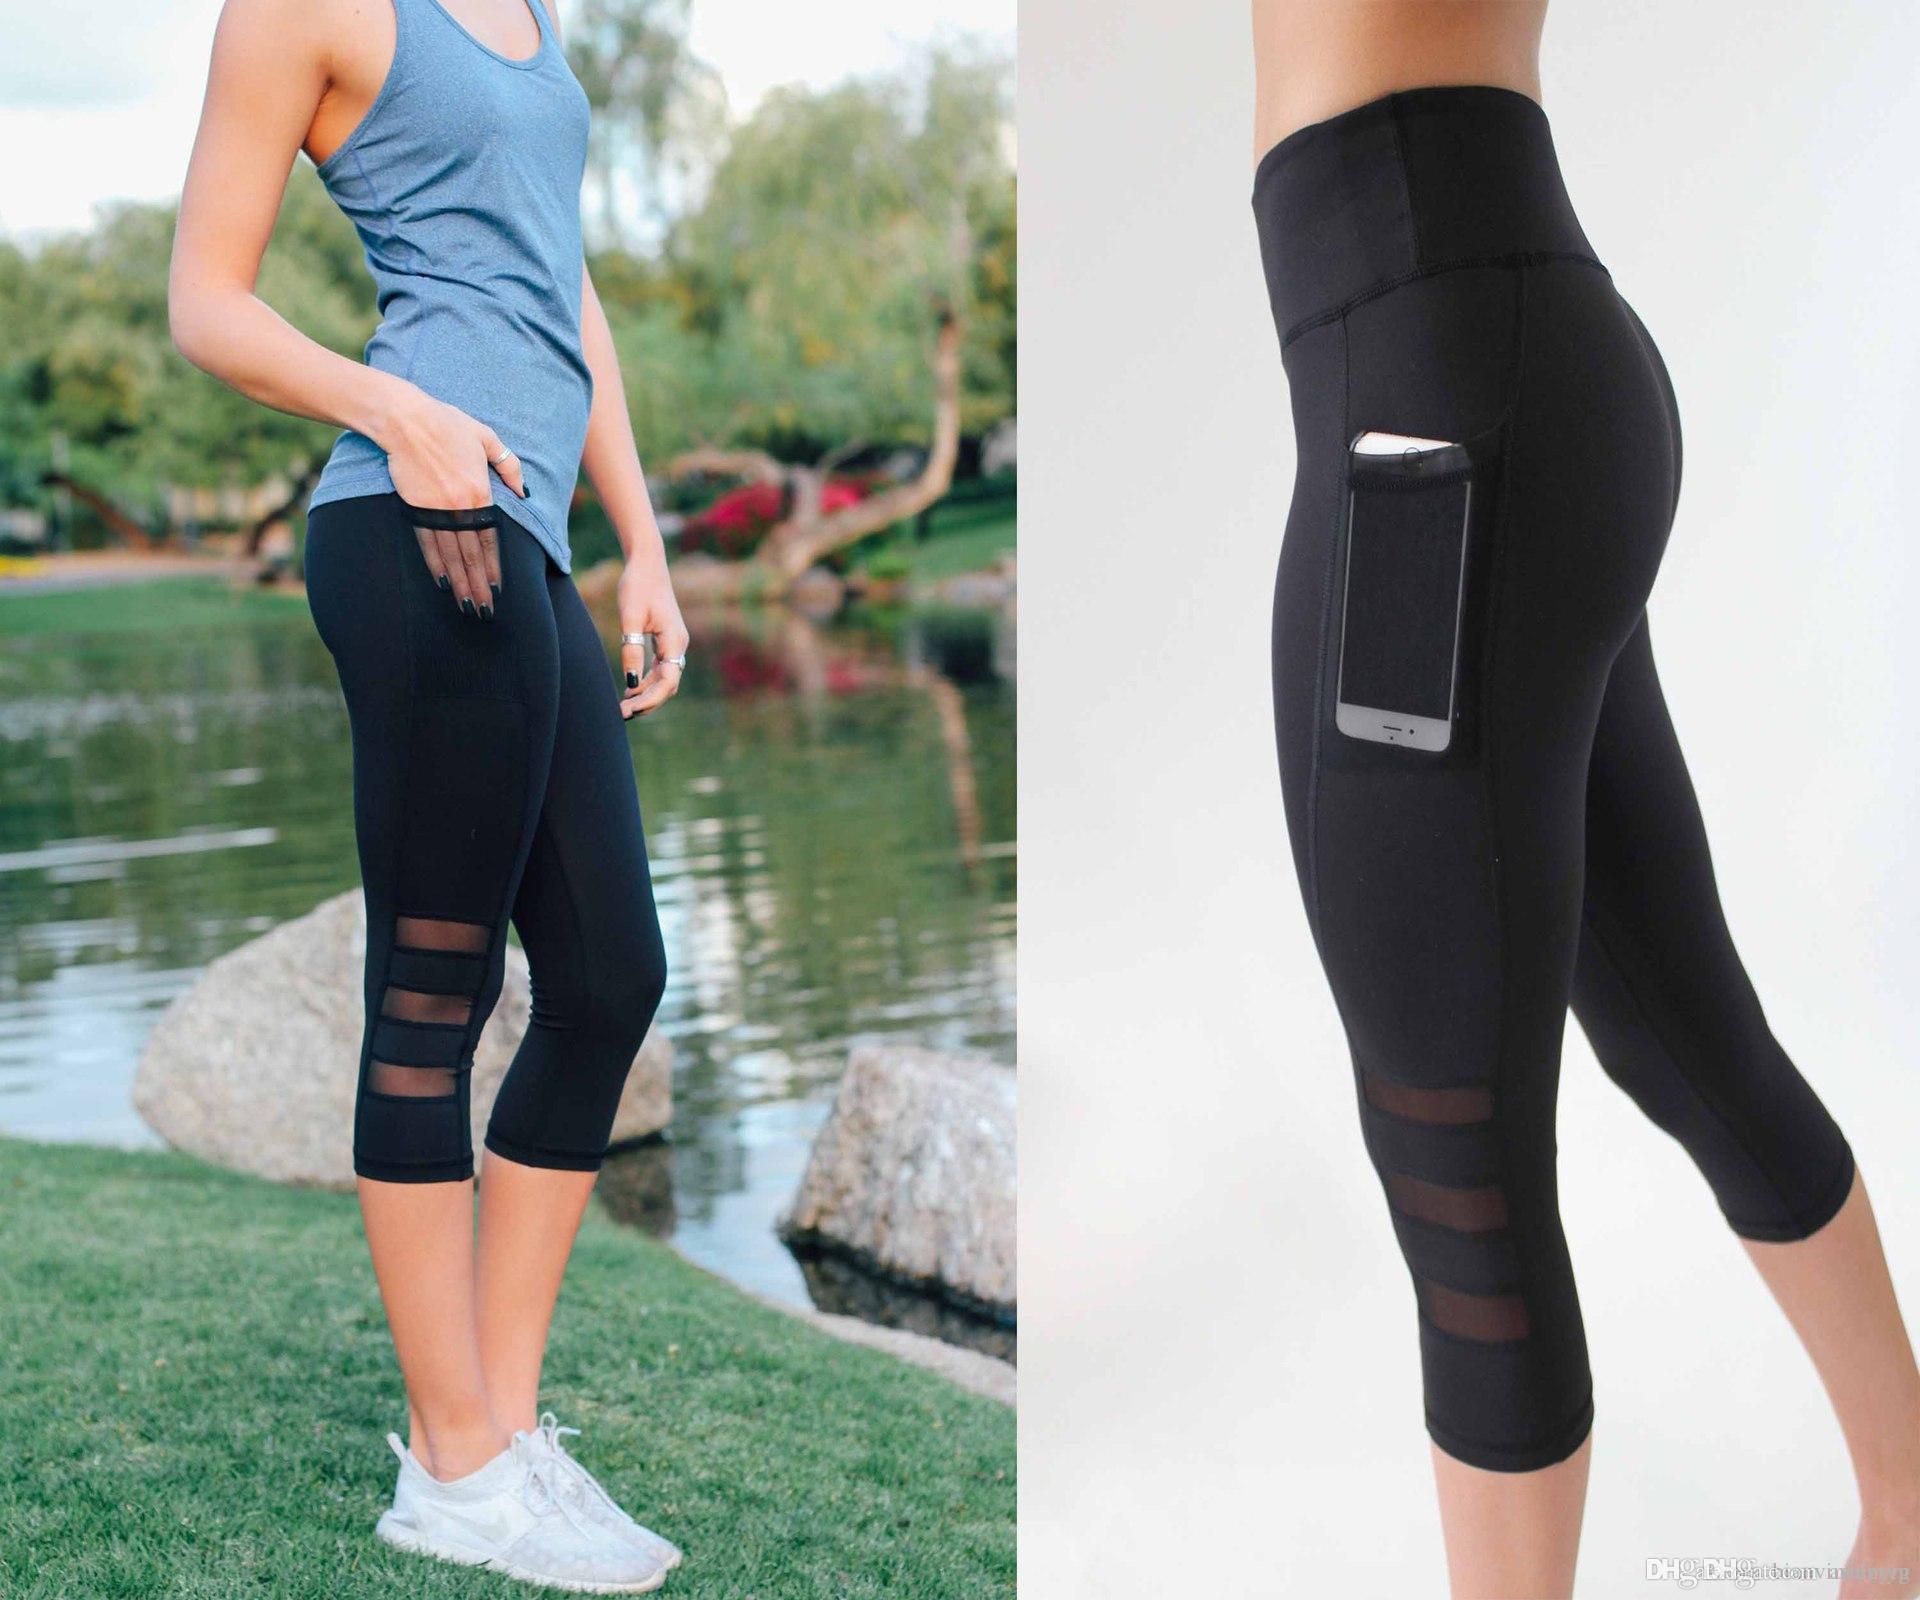 Leggings style Instagram Femmes Yoga Pantalon taille haute Yogaworld Gym Sports Wear élastique Fitness Lady ensemble Collants Workout